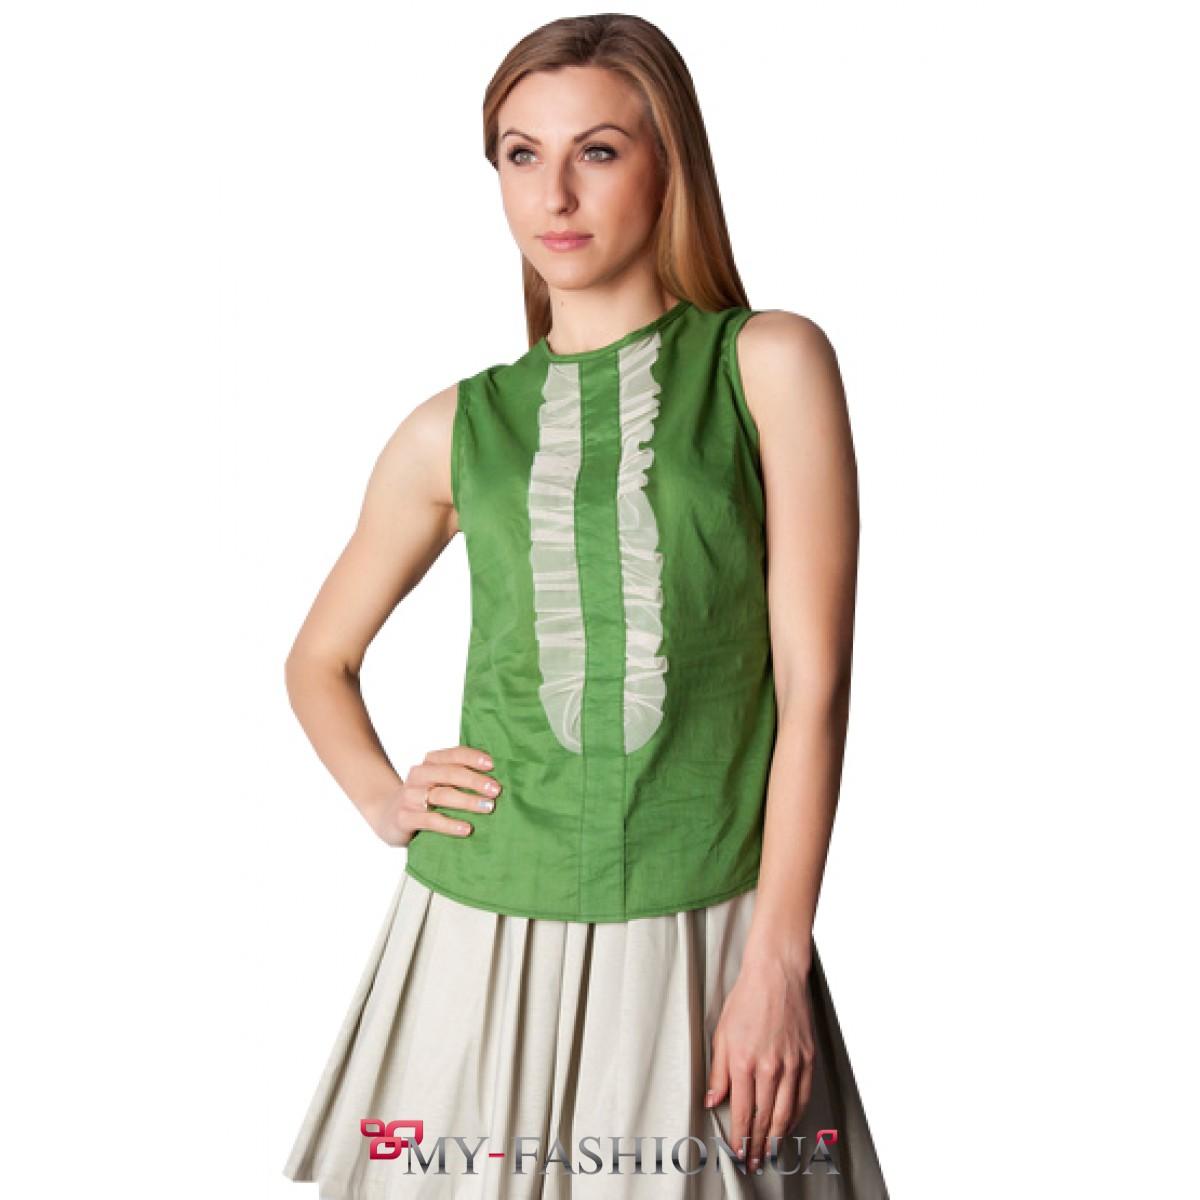 Купить одежду цвета хаки женская в интернет магазине